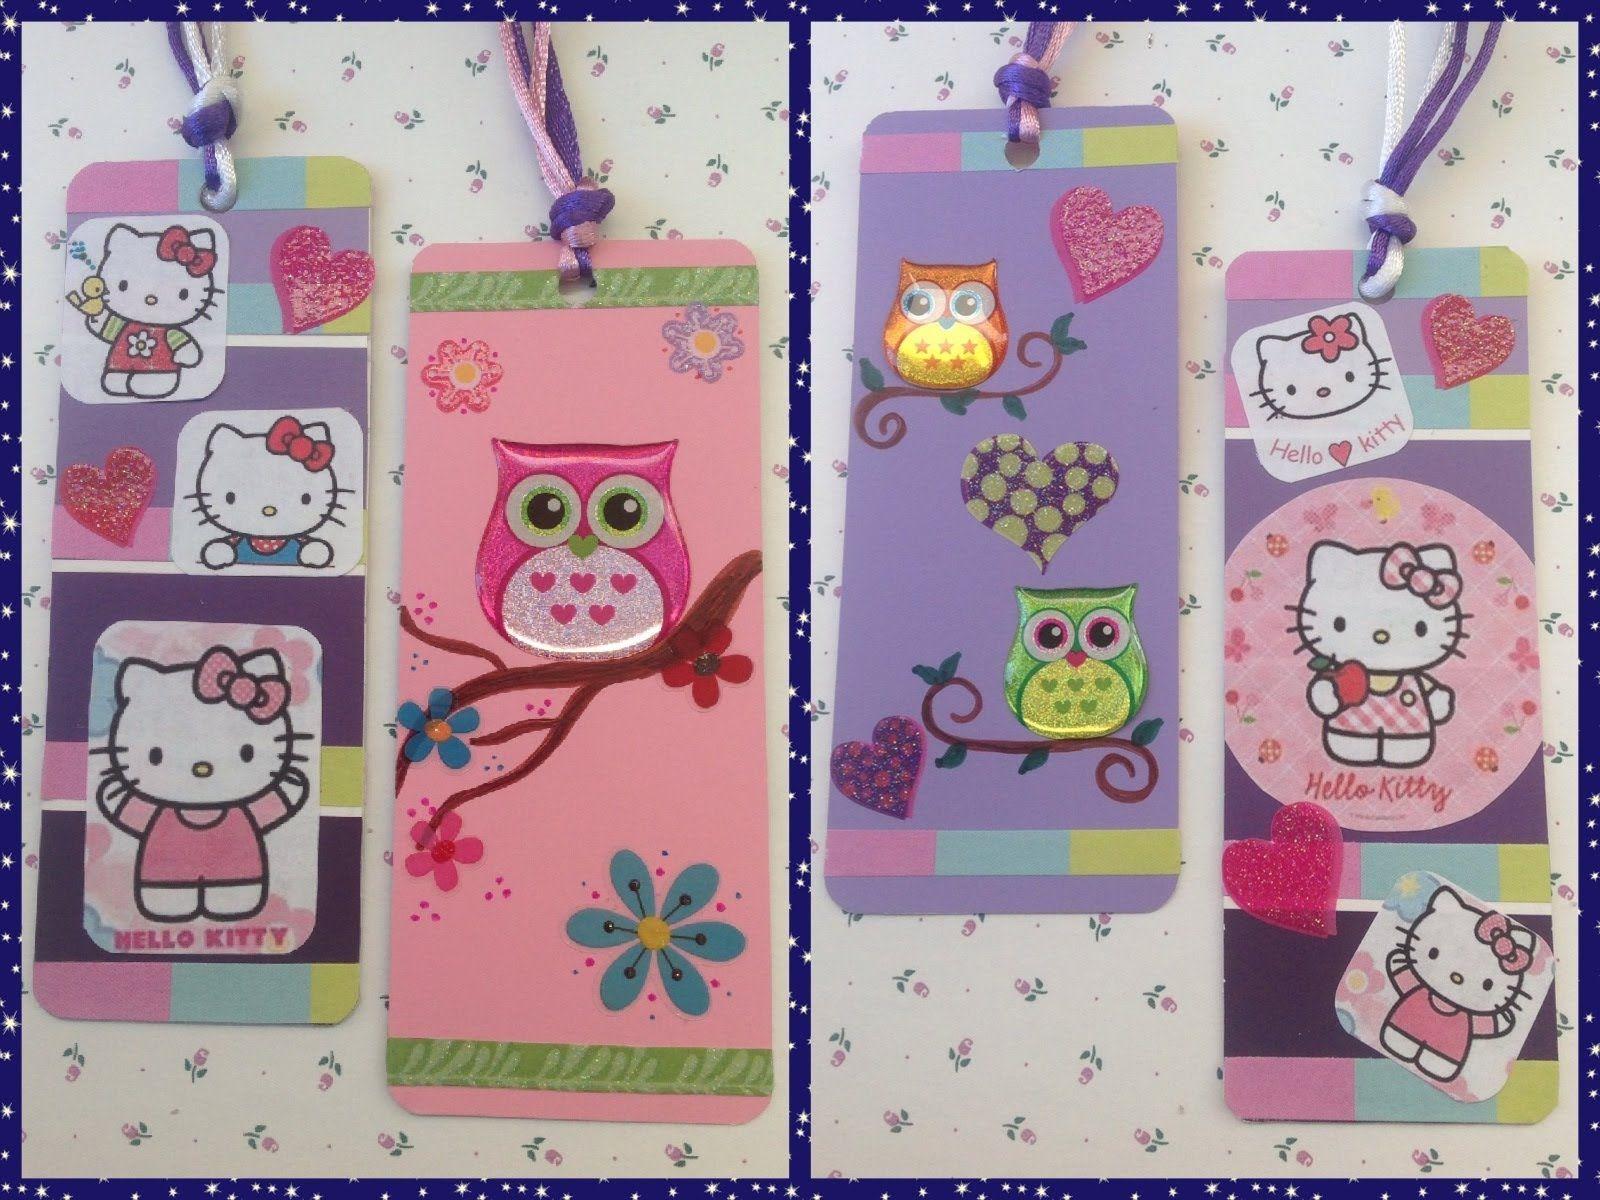 Hello kitty scrapbook ideas - Separadores De Libros Scrapbooking Ideasideas